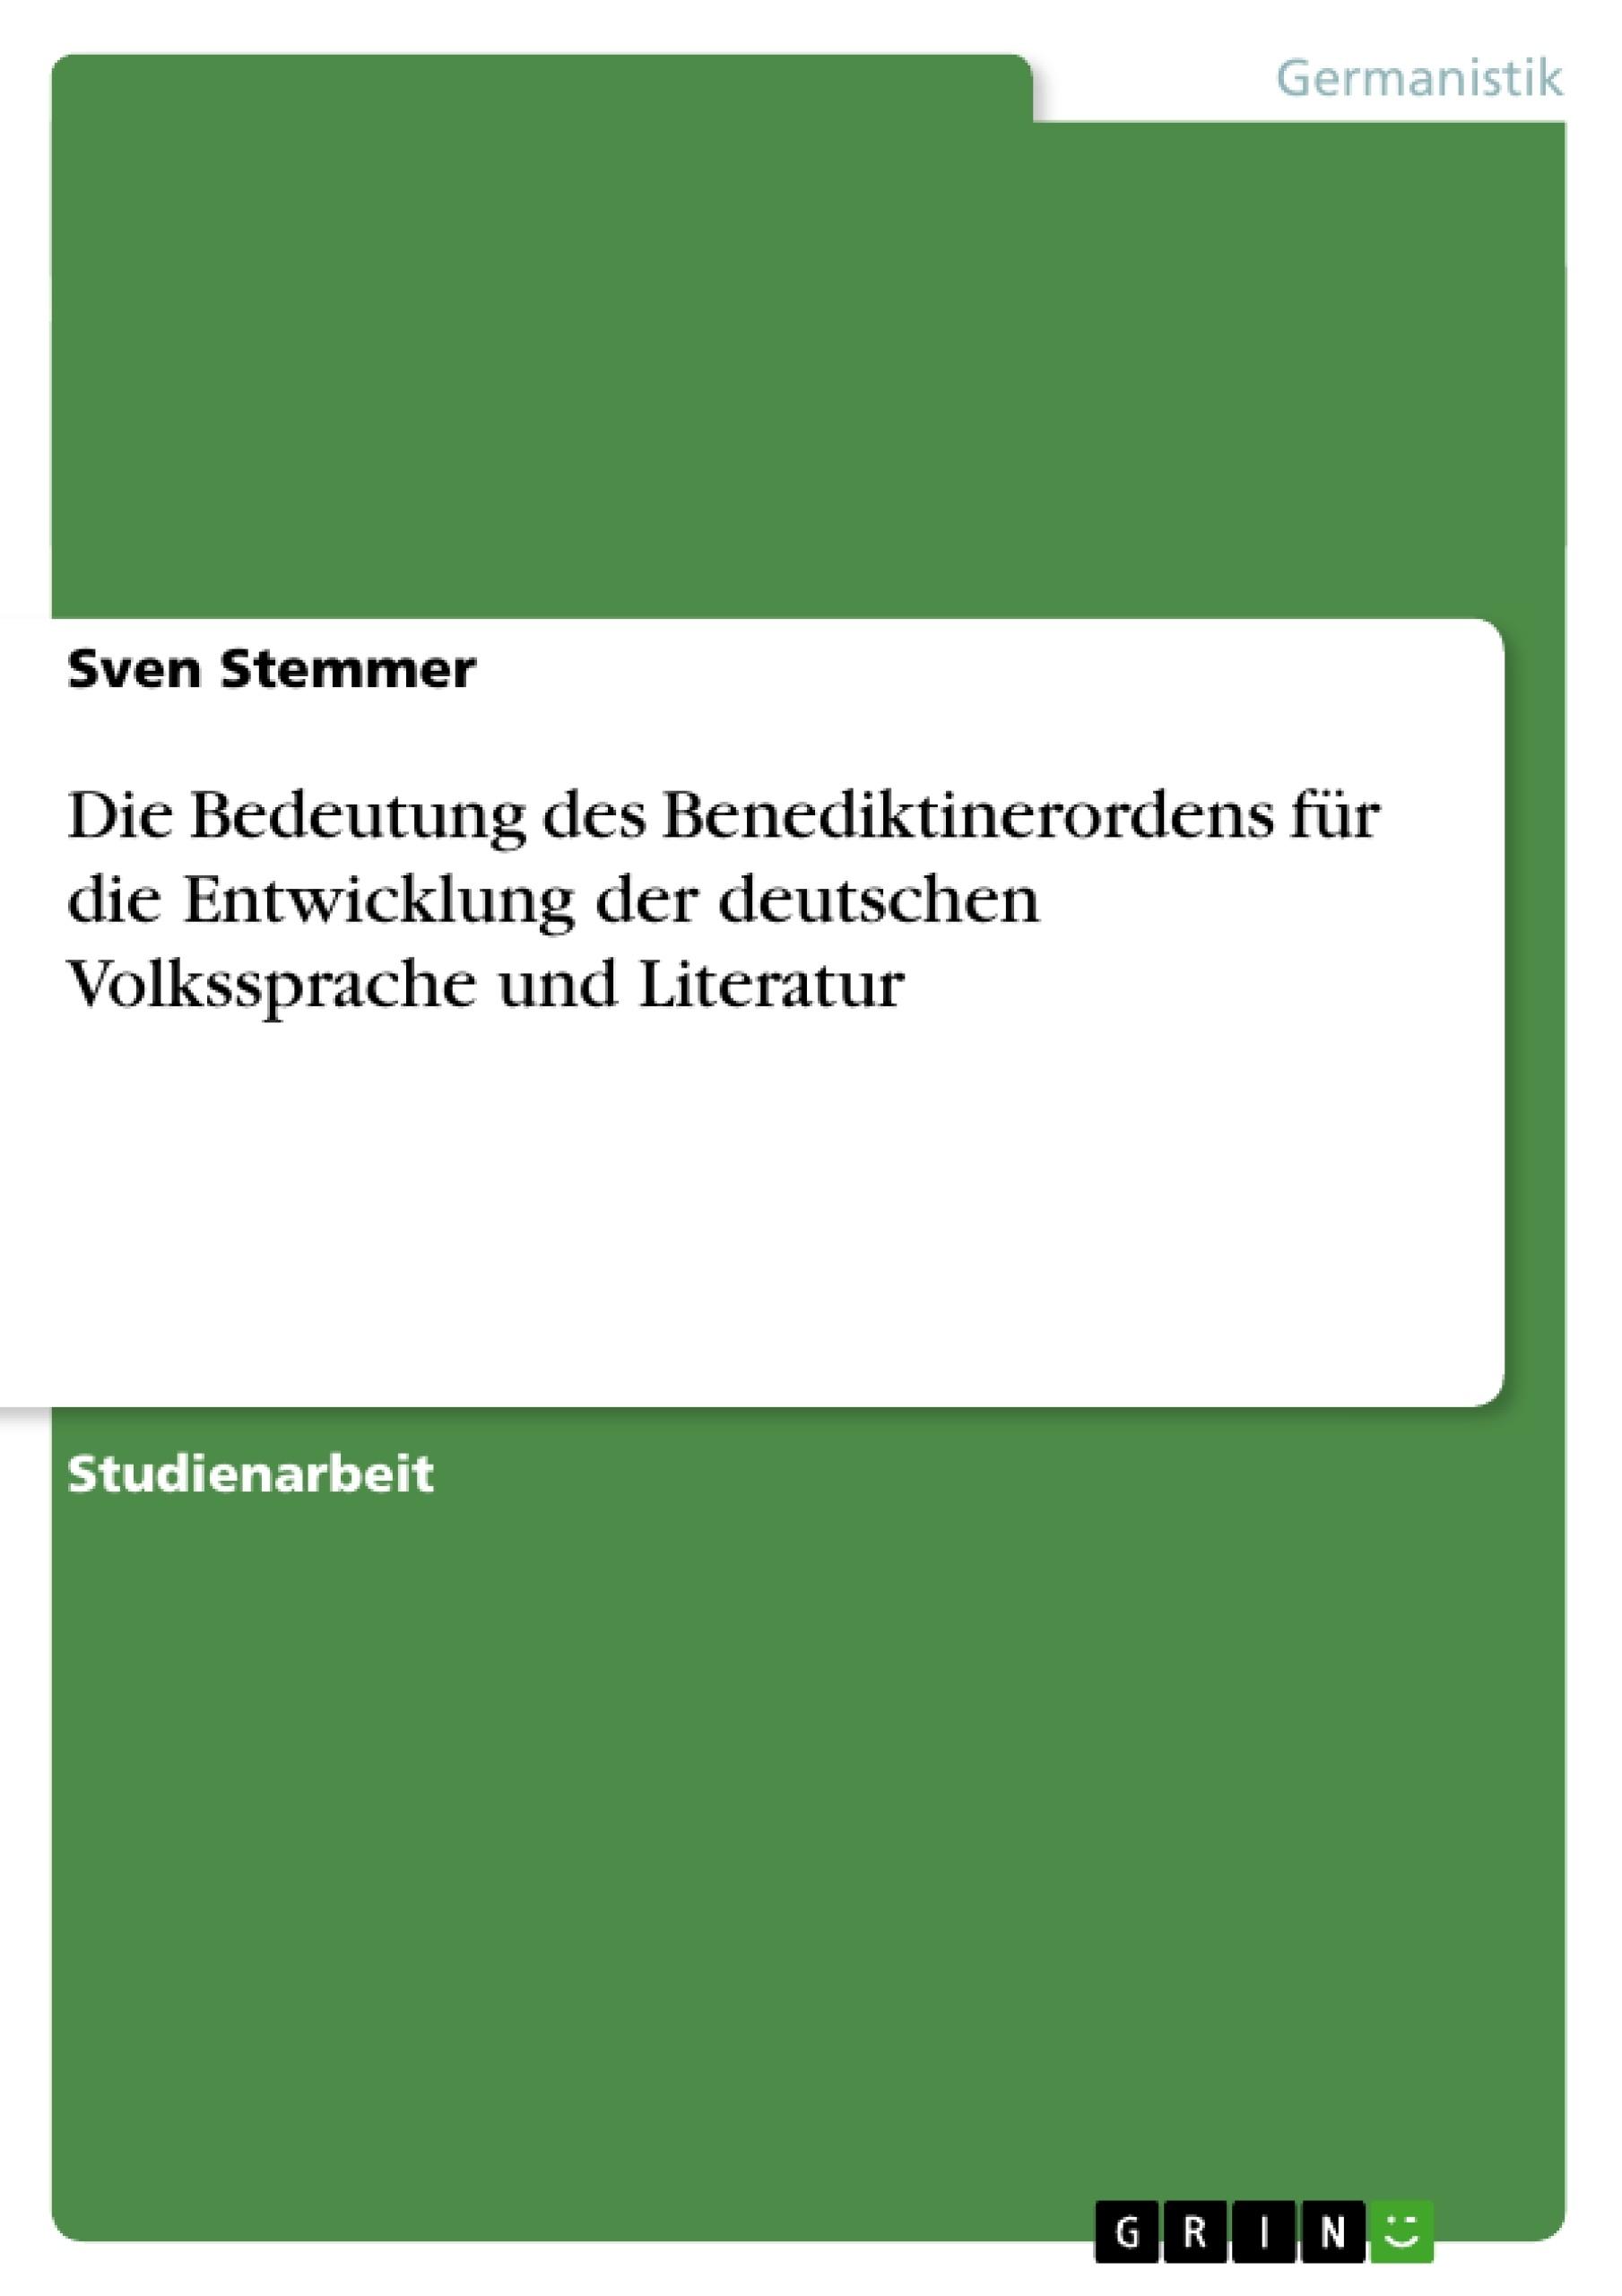 Titel: Die Bedeutung des Benediktinerordens für die Entwicklung der deutschen Volkssprache und Literatur